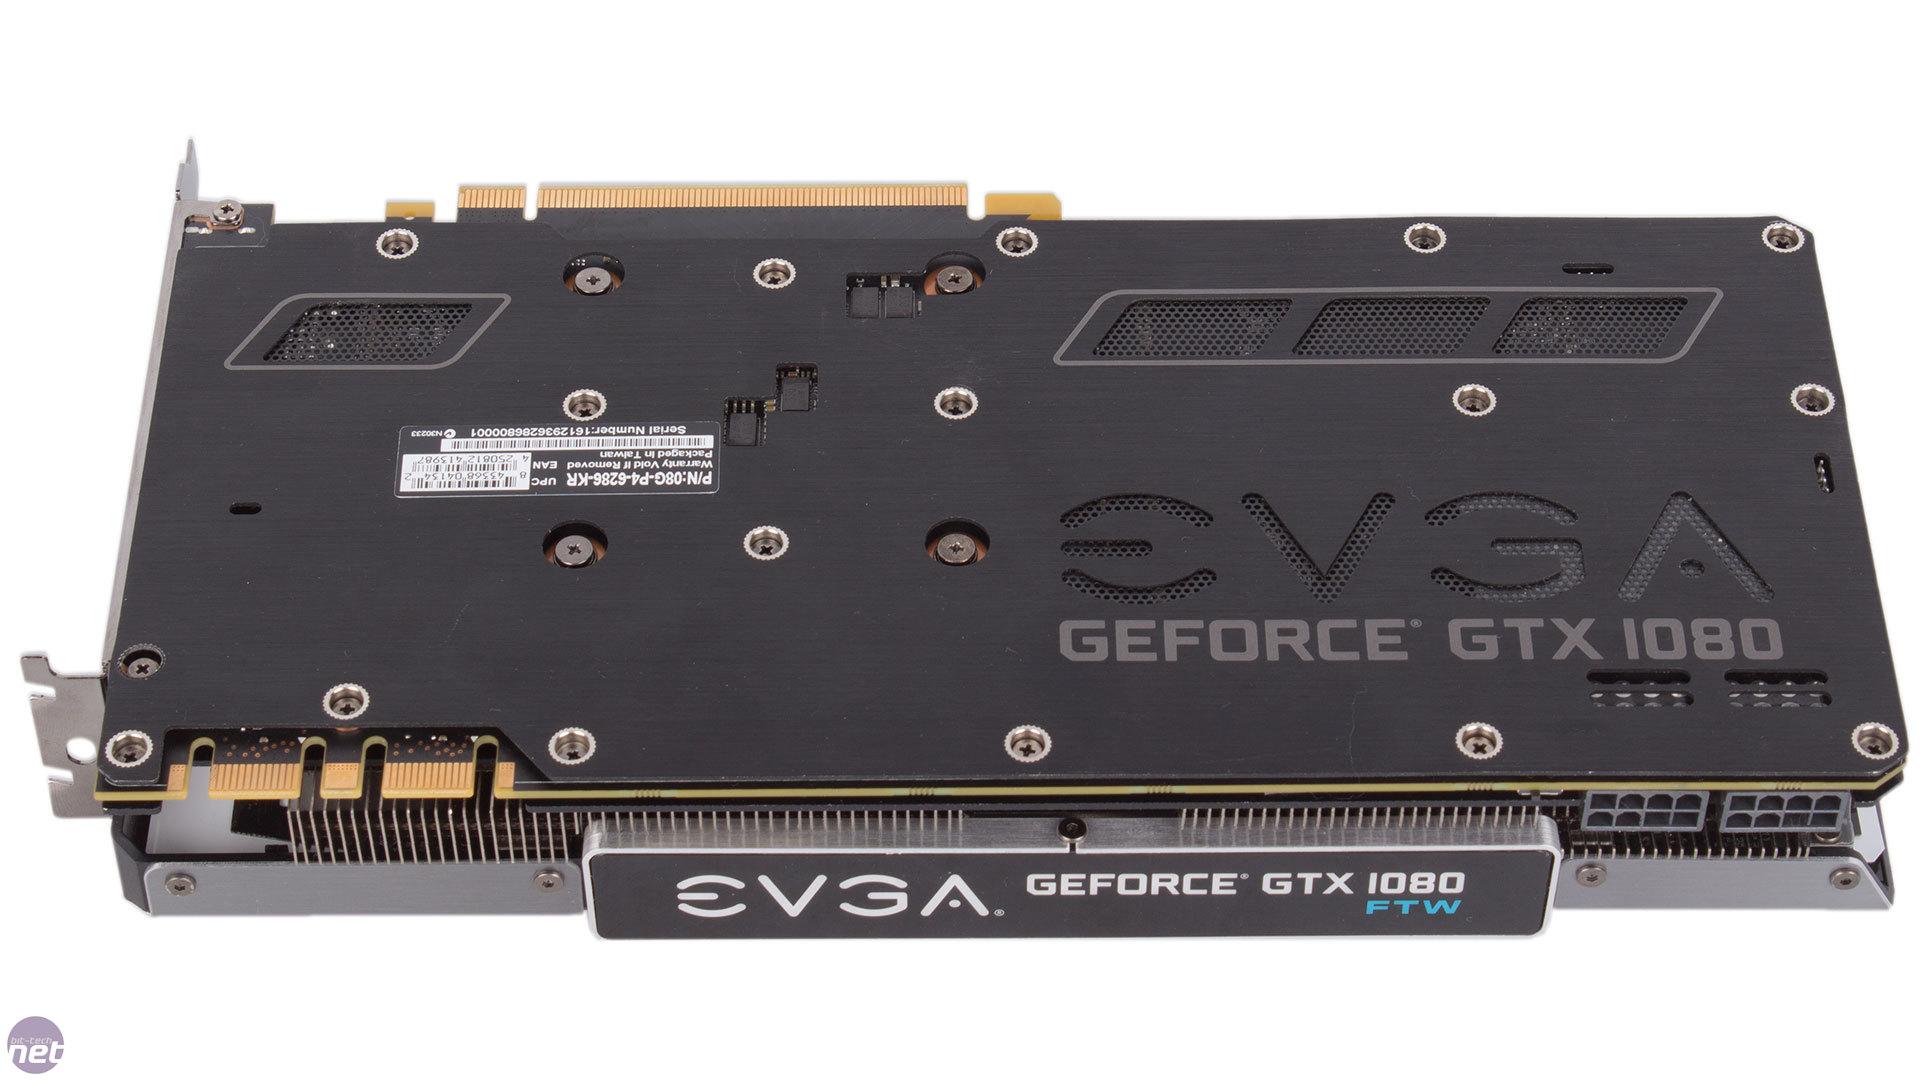 EVGA GeForce GTX 1080 FTW Review | bit-tech net